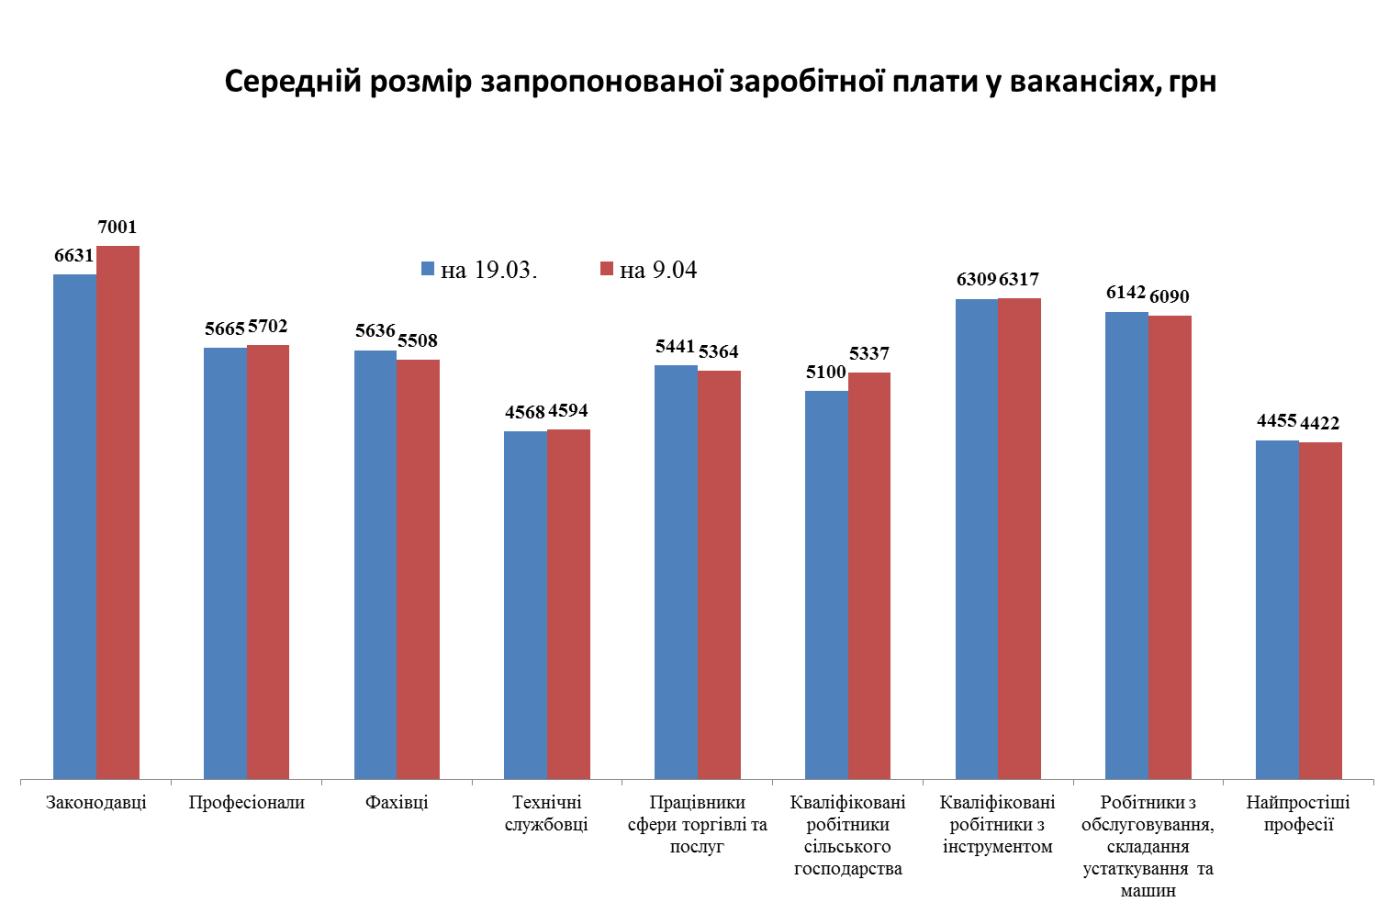 Як в умовах карантину змінився ринок праці на Сумщині?, фото-3